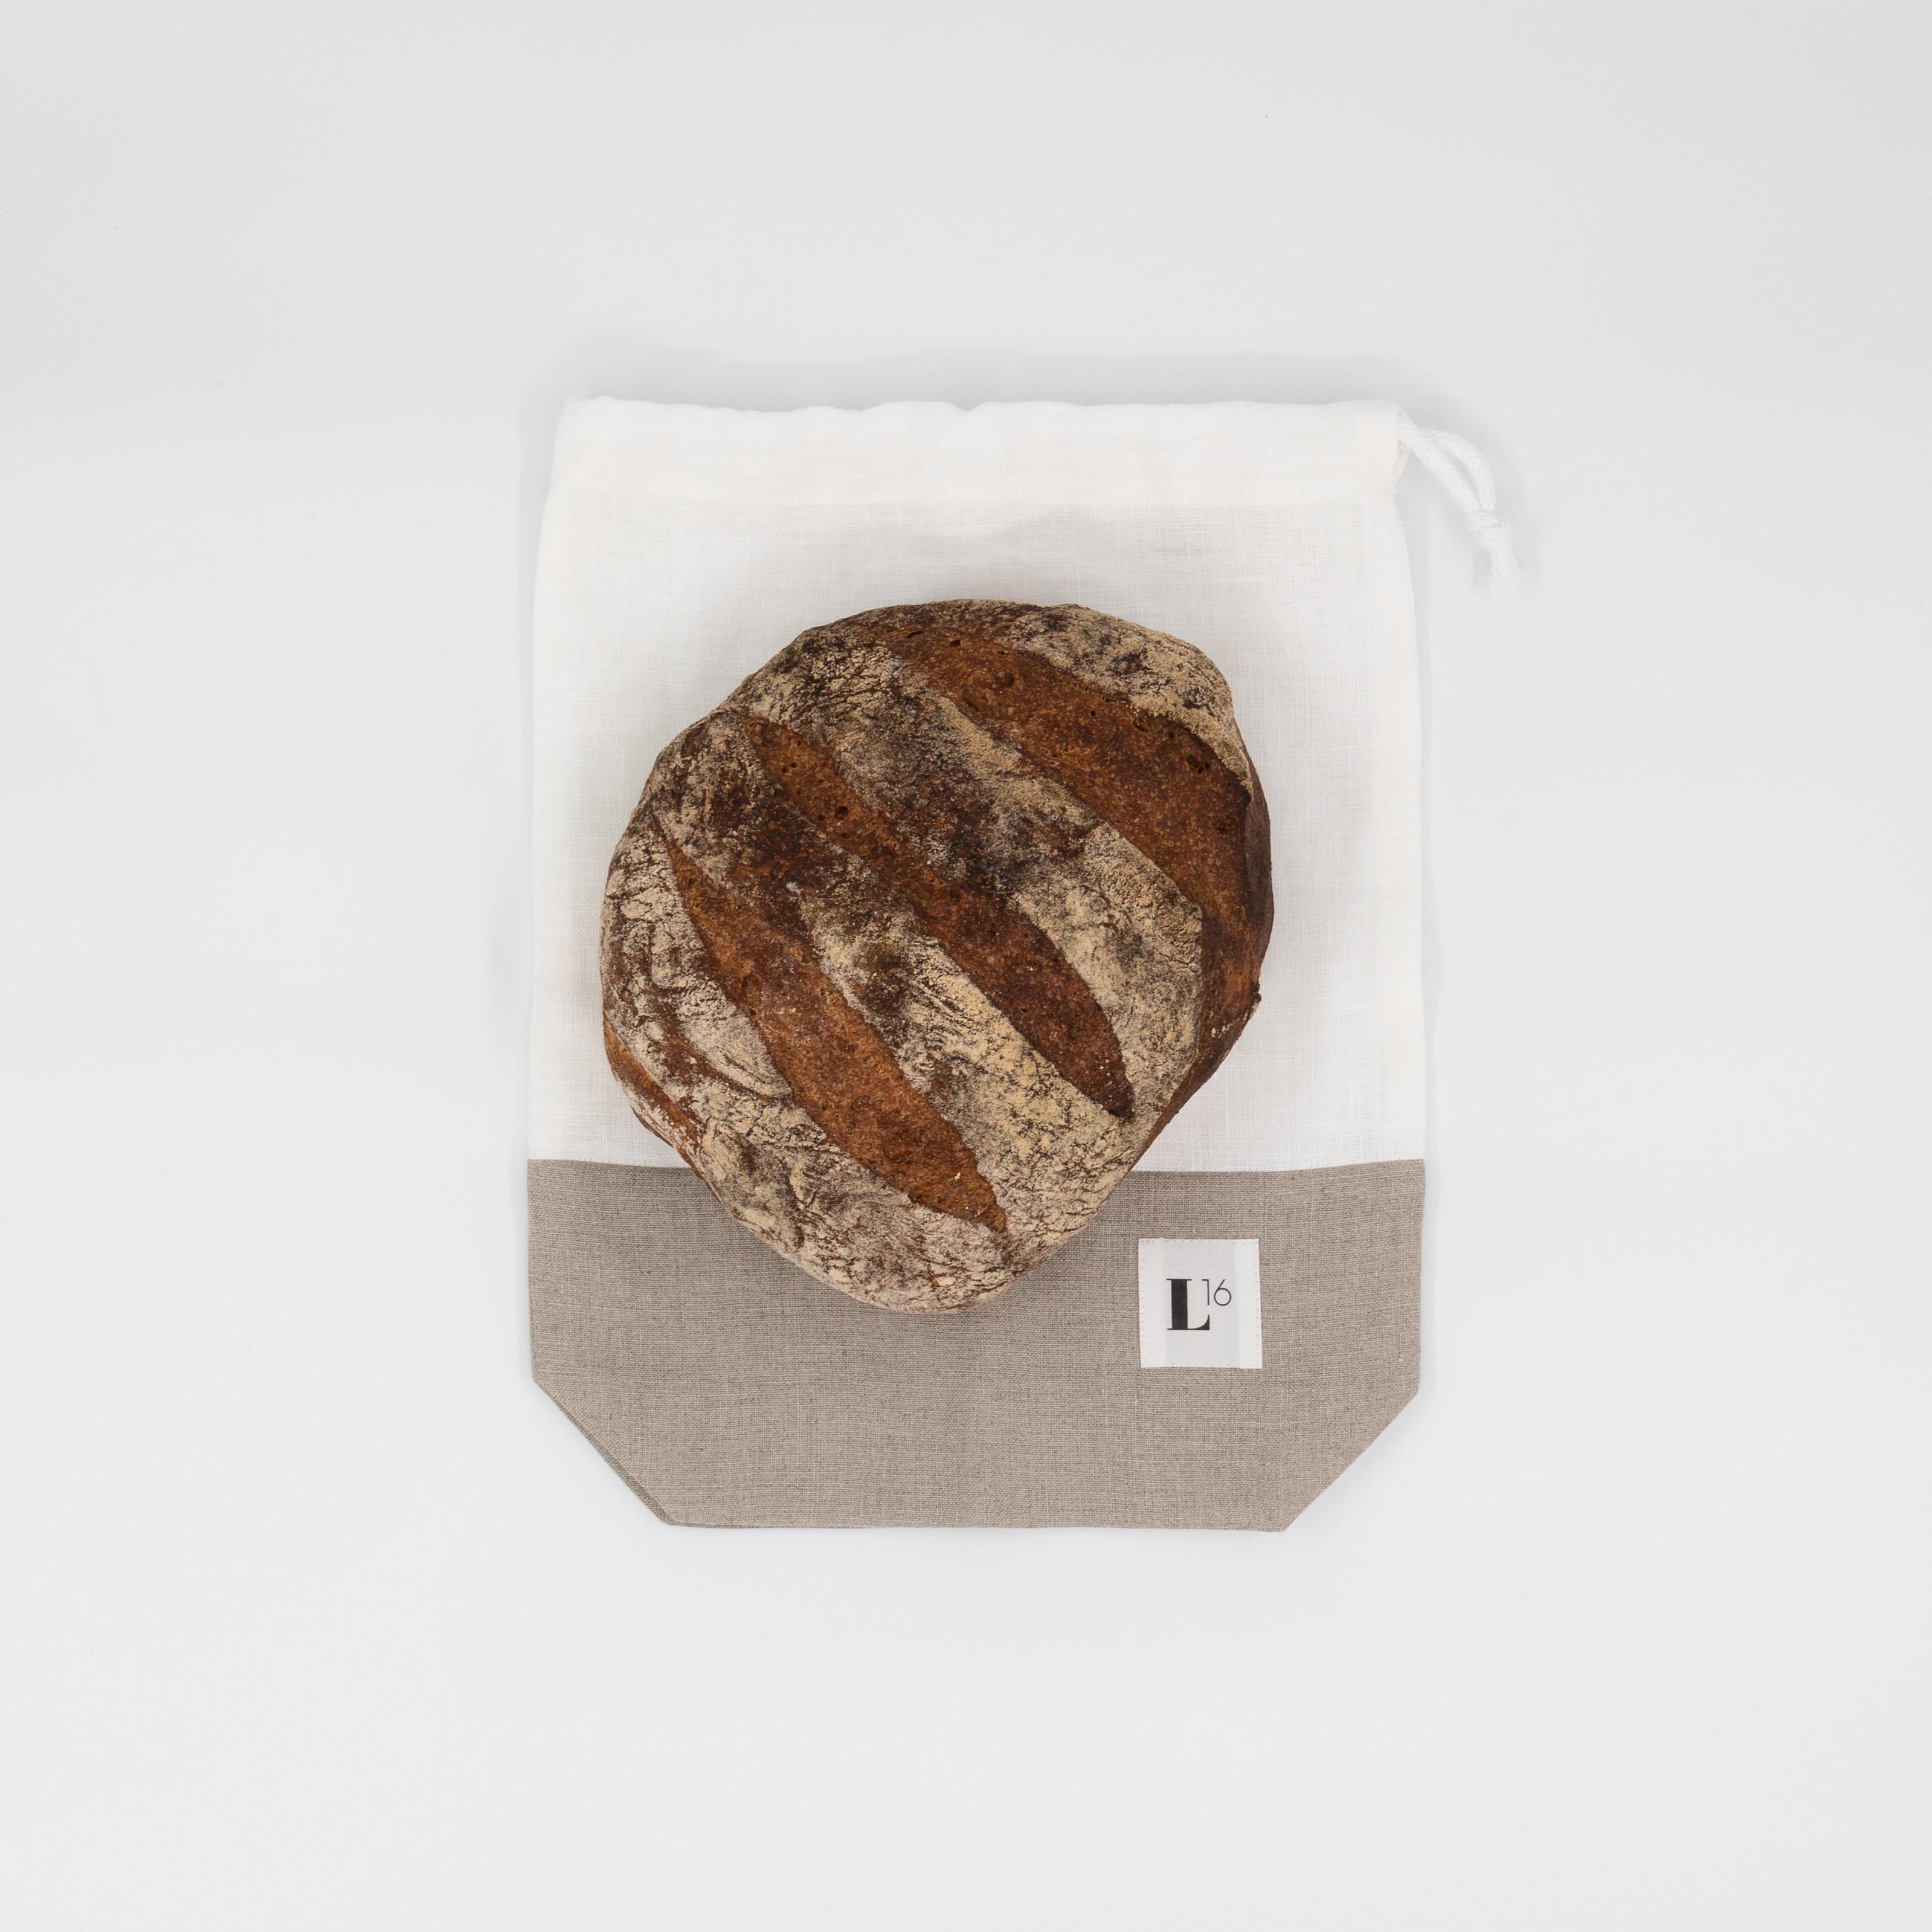 Leinensack in weiss/grau mit Brot drauf.